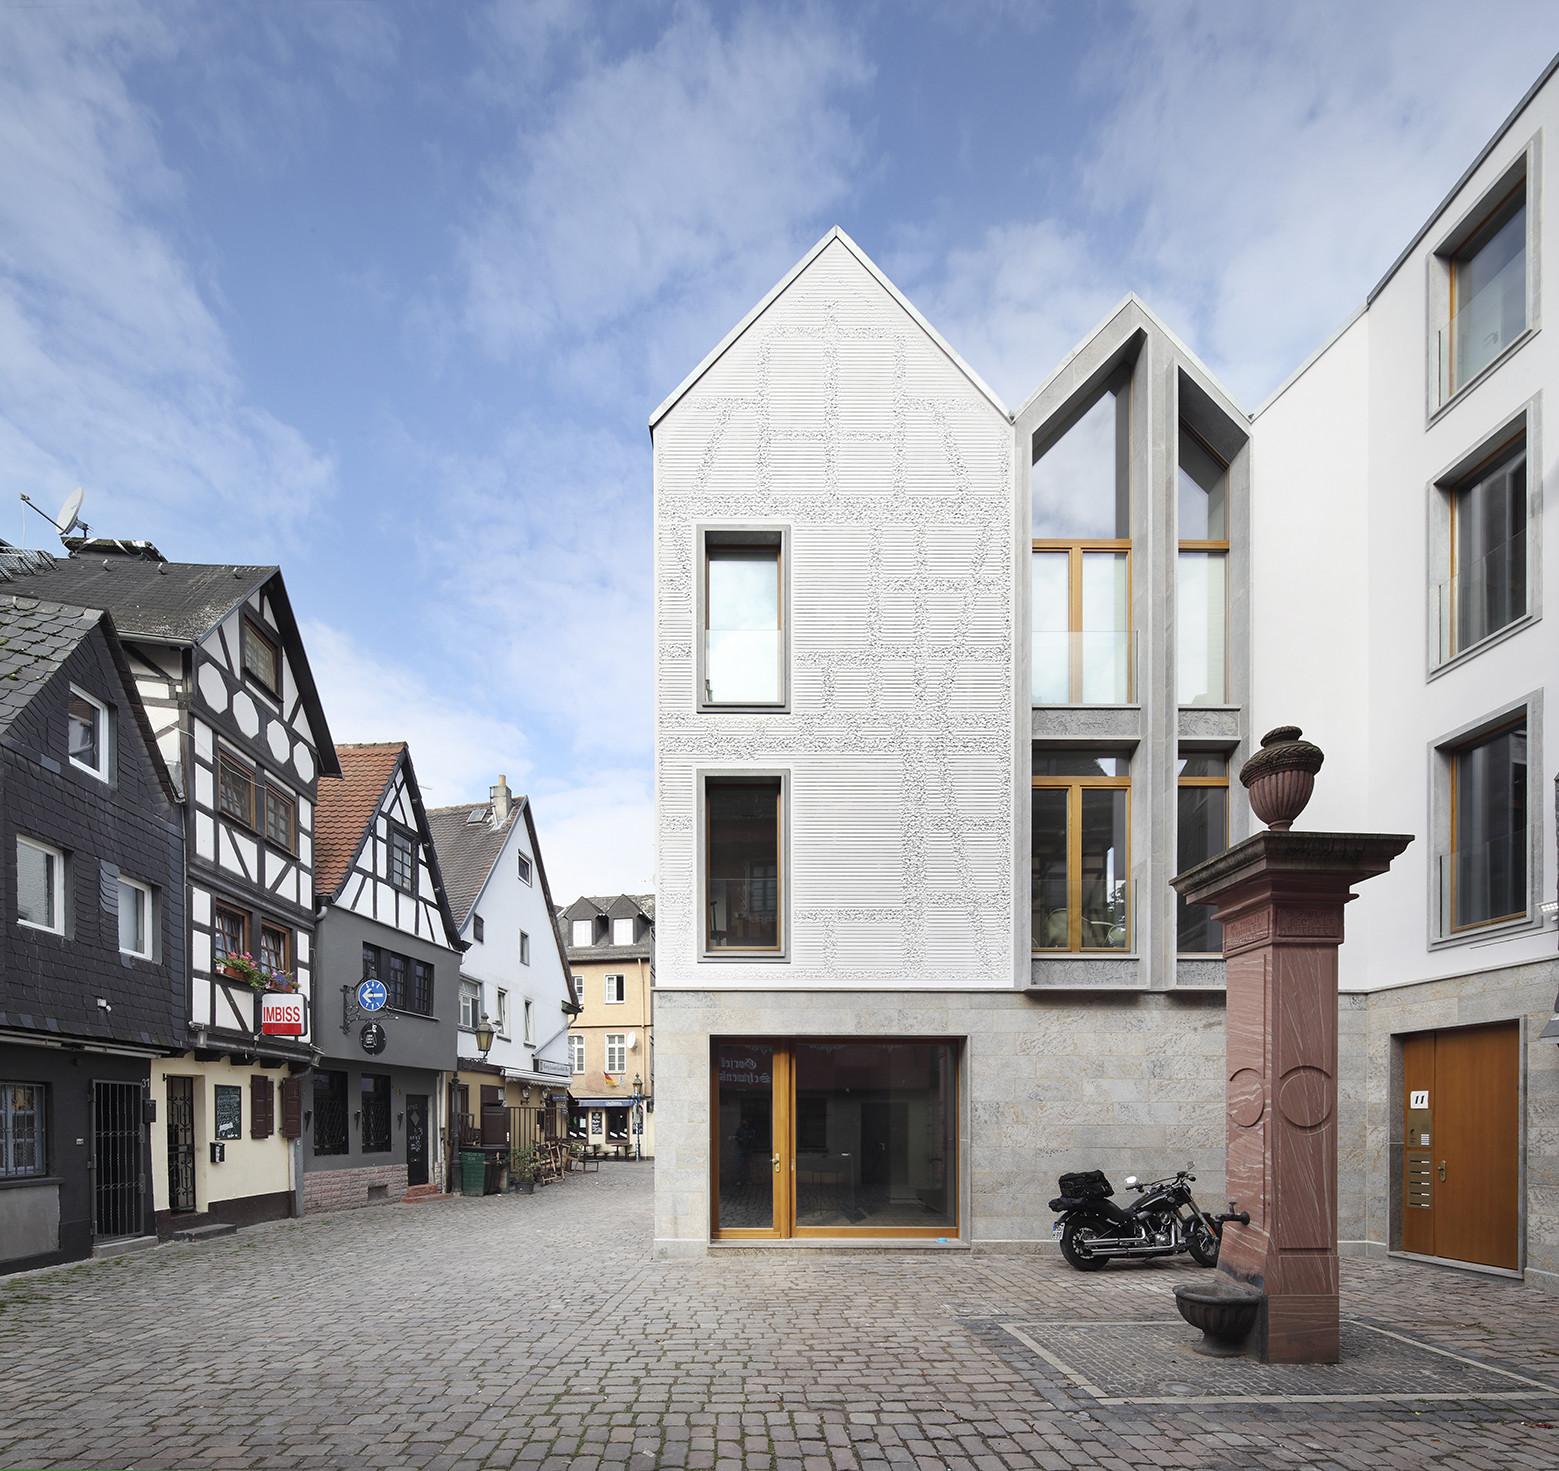 Architekturbüros Frankfurt kleine rittergasse 11 franken architekten archdaily